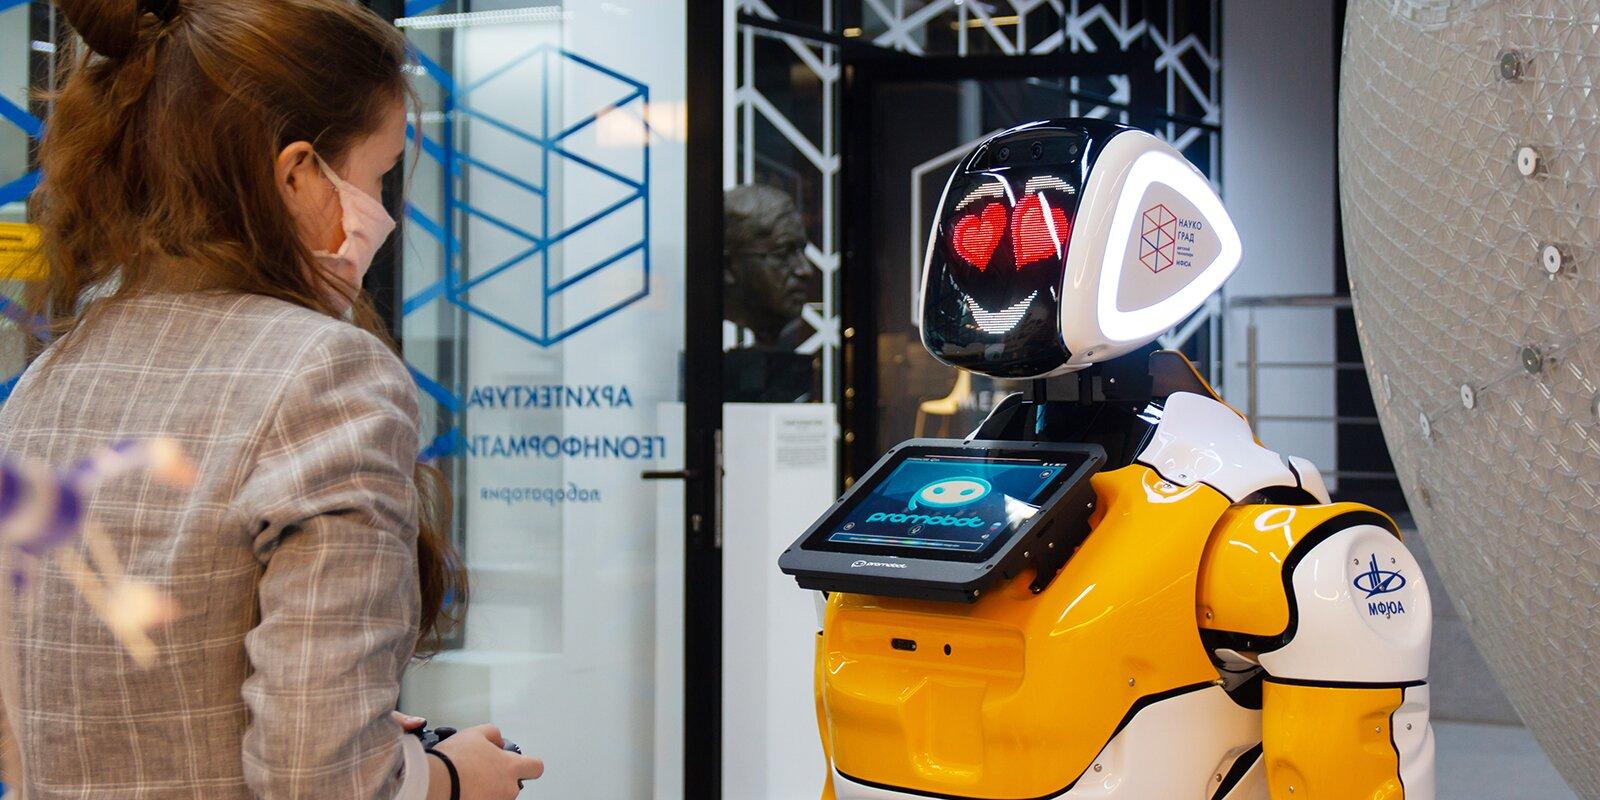 Робот-помощник появится в детском технопарке «Наукоград»